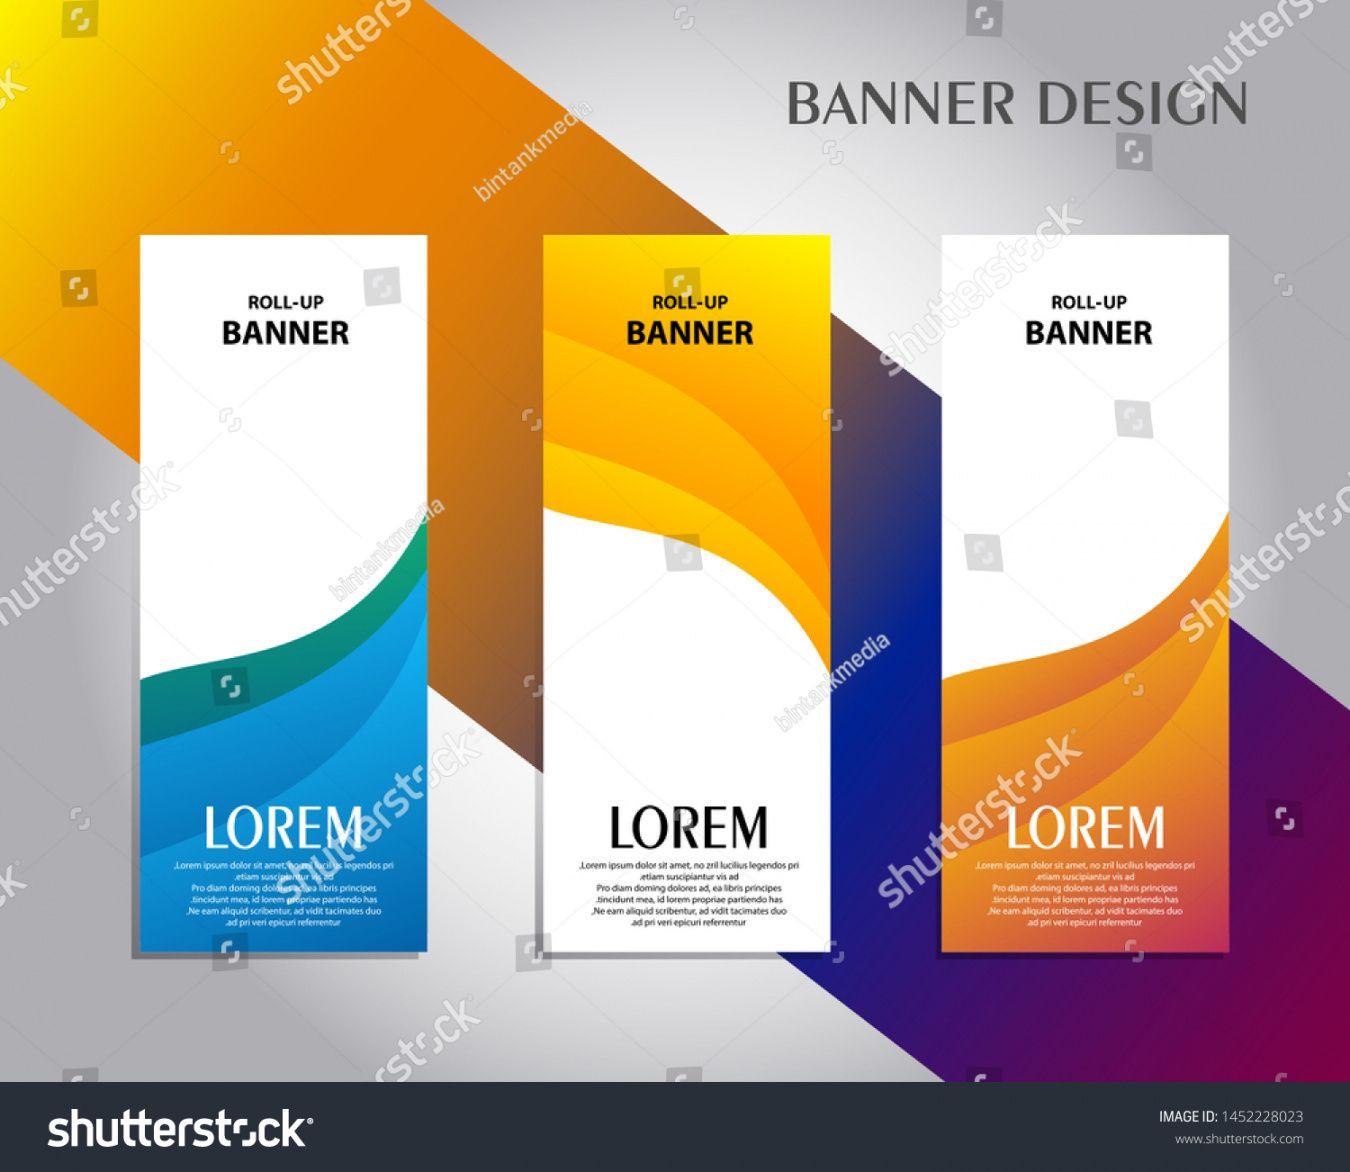 sample vector de stock libre de regalías sobre vertical banner standing banner design template doc